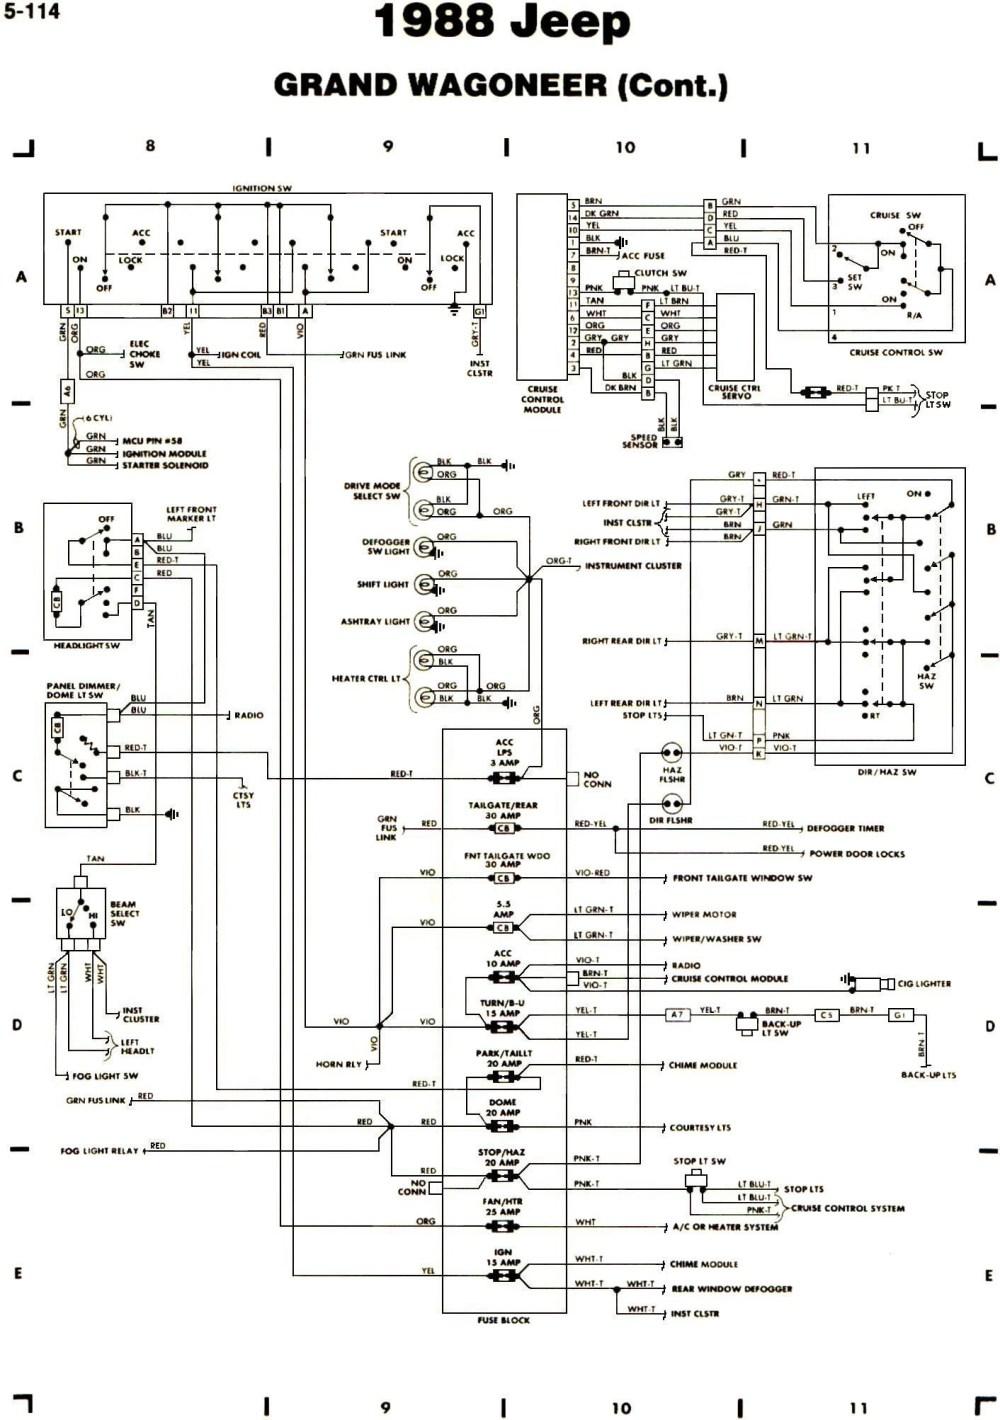 2001 freightliner fl80 wiring diagram free picture 2000 fl60 wiring diagram wiring diagram data  2000 fl60 wiring diagram wiring